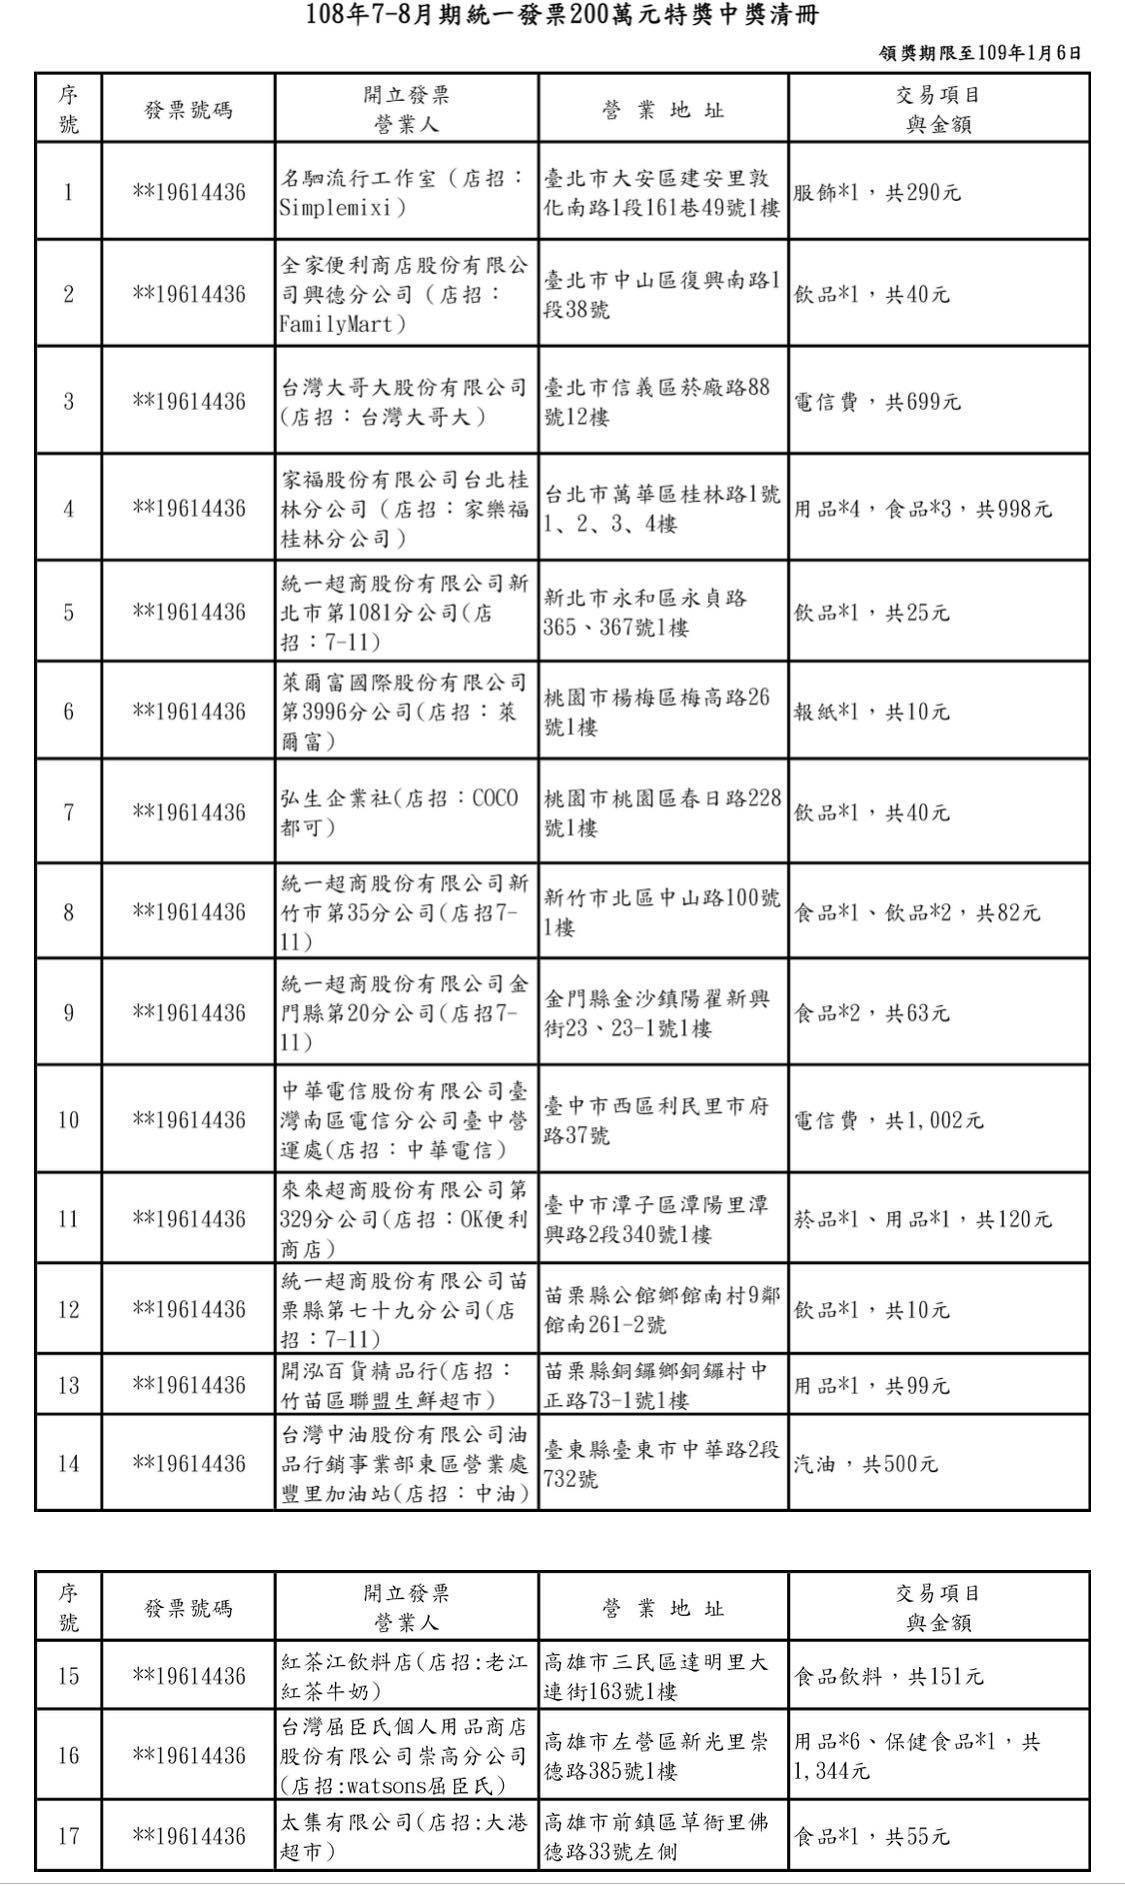 2019年7~8月統一發票「200萬特別獎中獎清冊」。圖/取自財政部